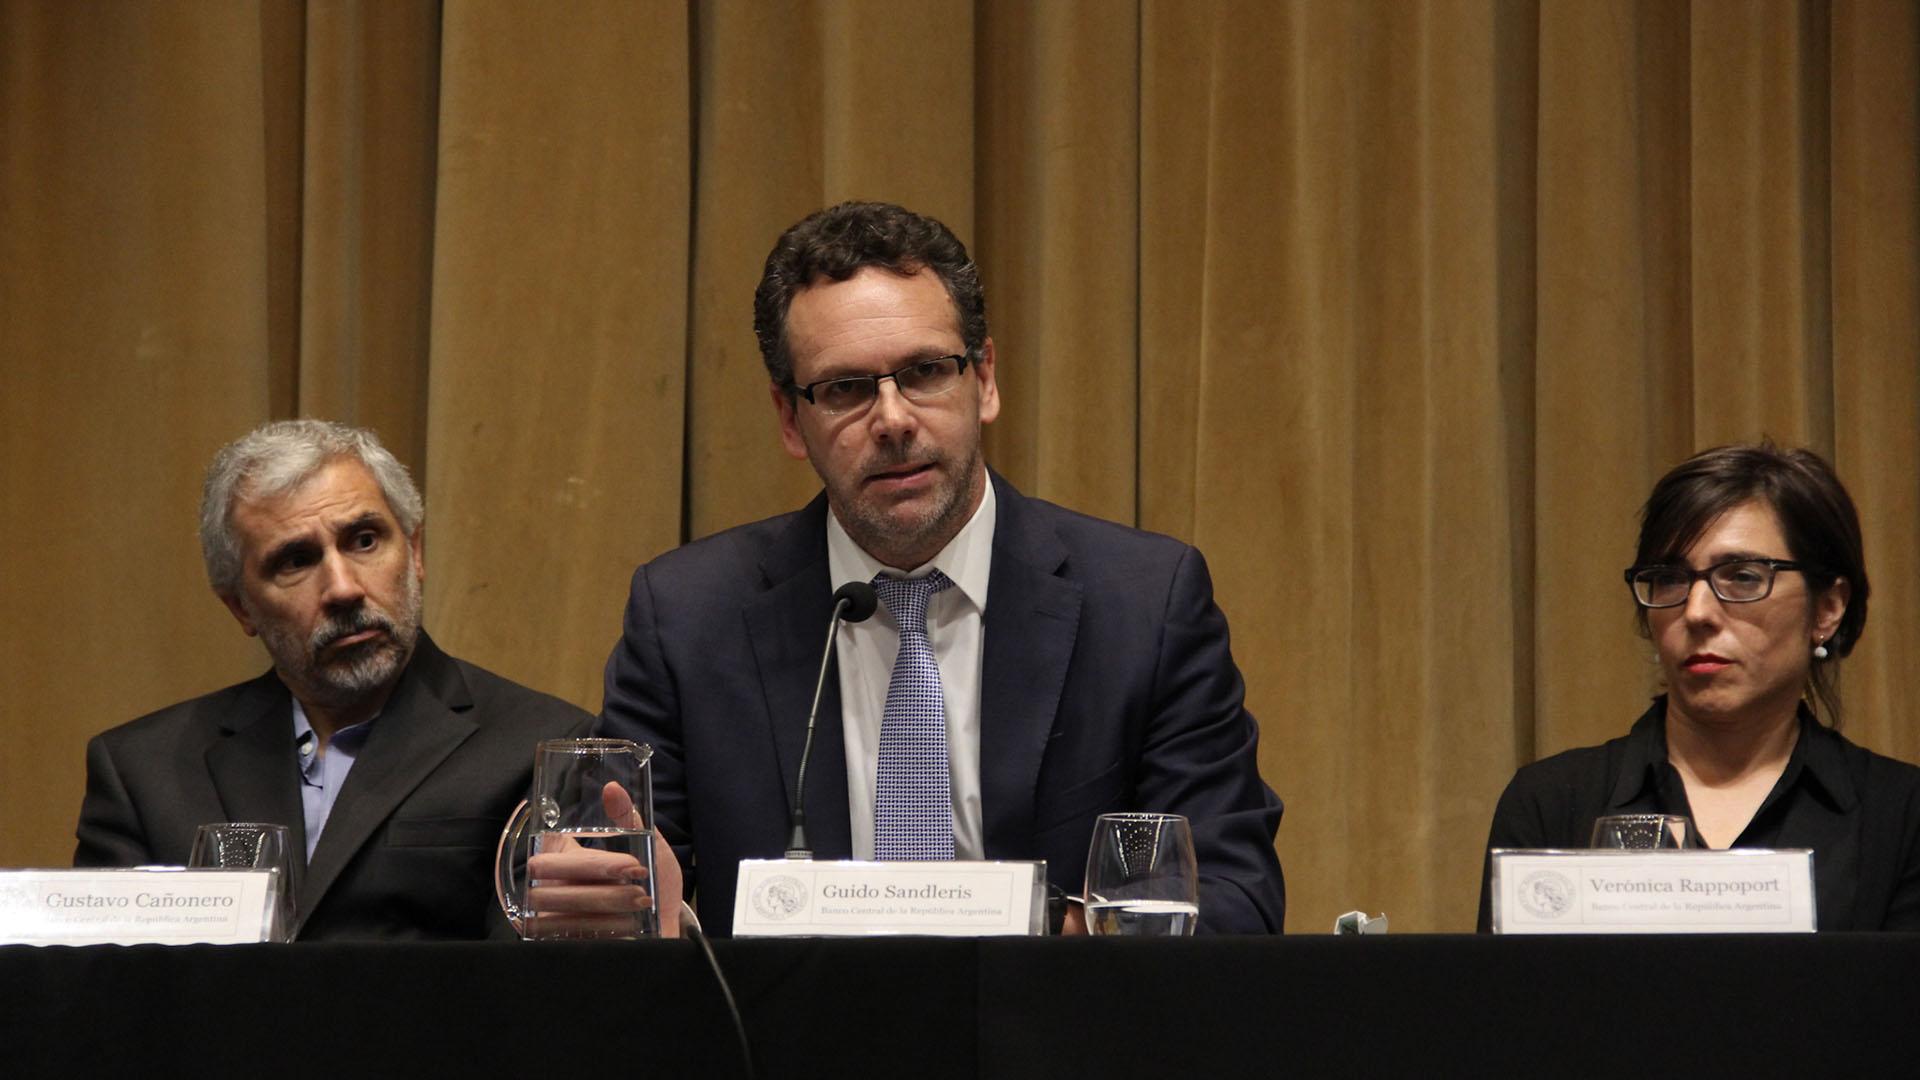 La autoridad monetaria, junto a los vicepresidentes Gustavo Cañonero y Verónica Rappoport (Matias Baglietto)